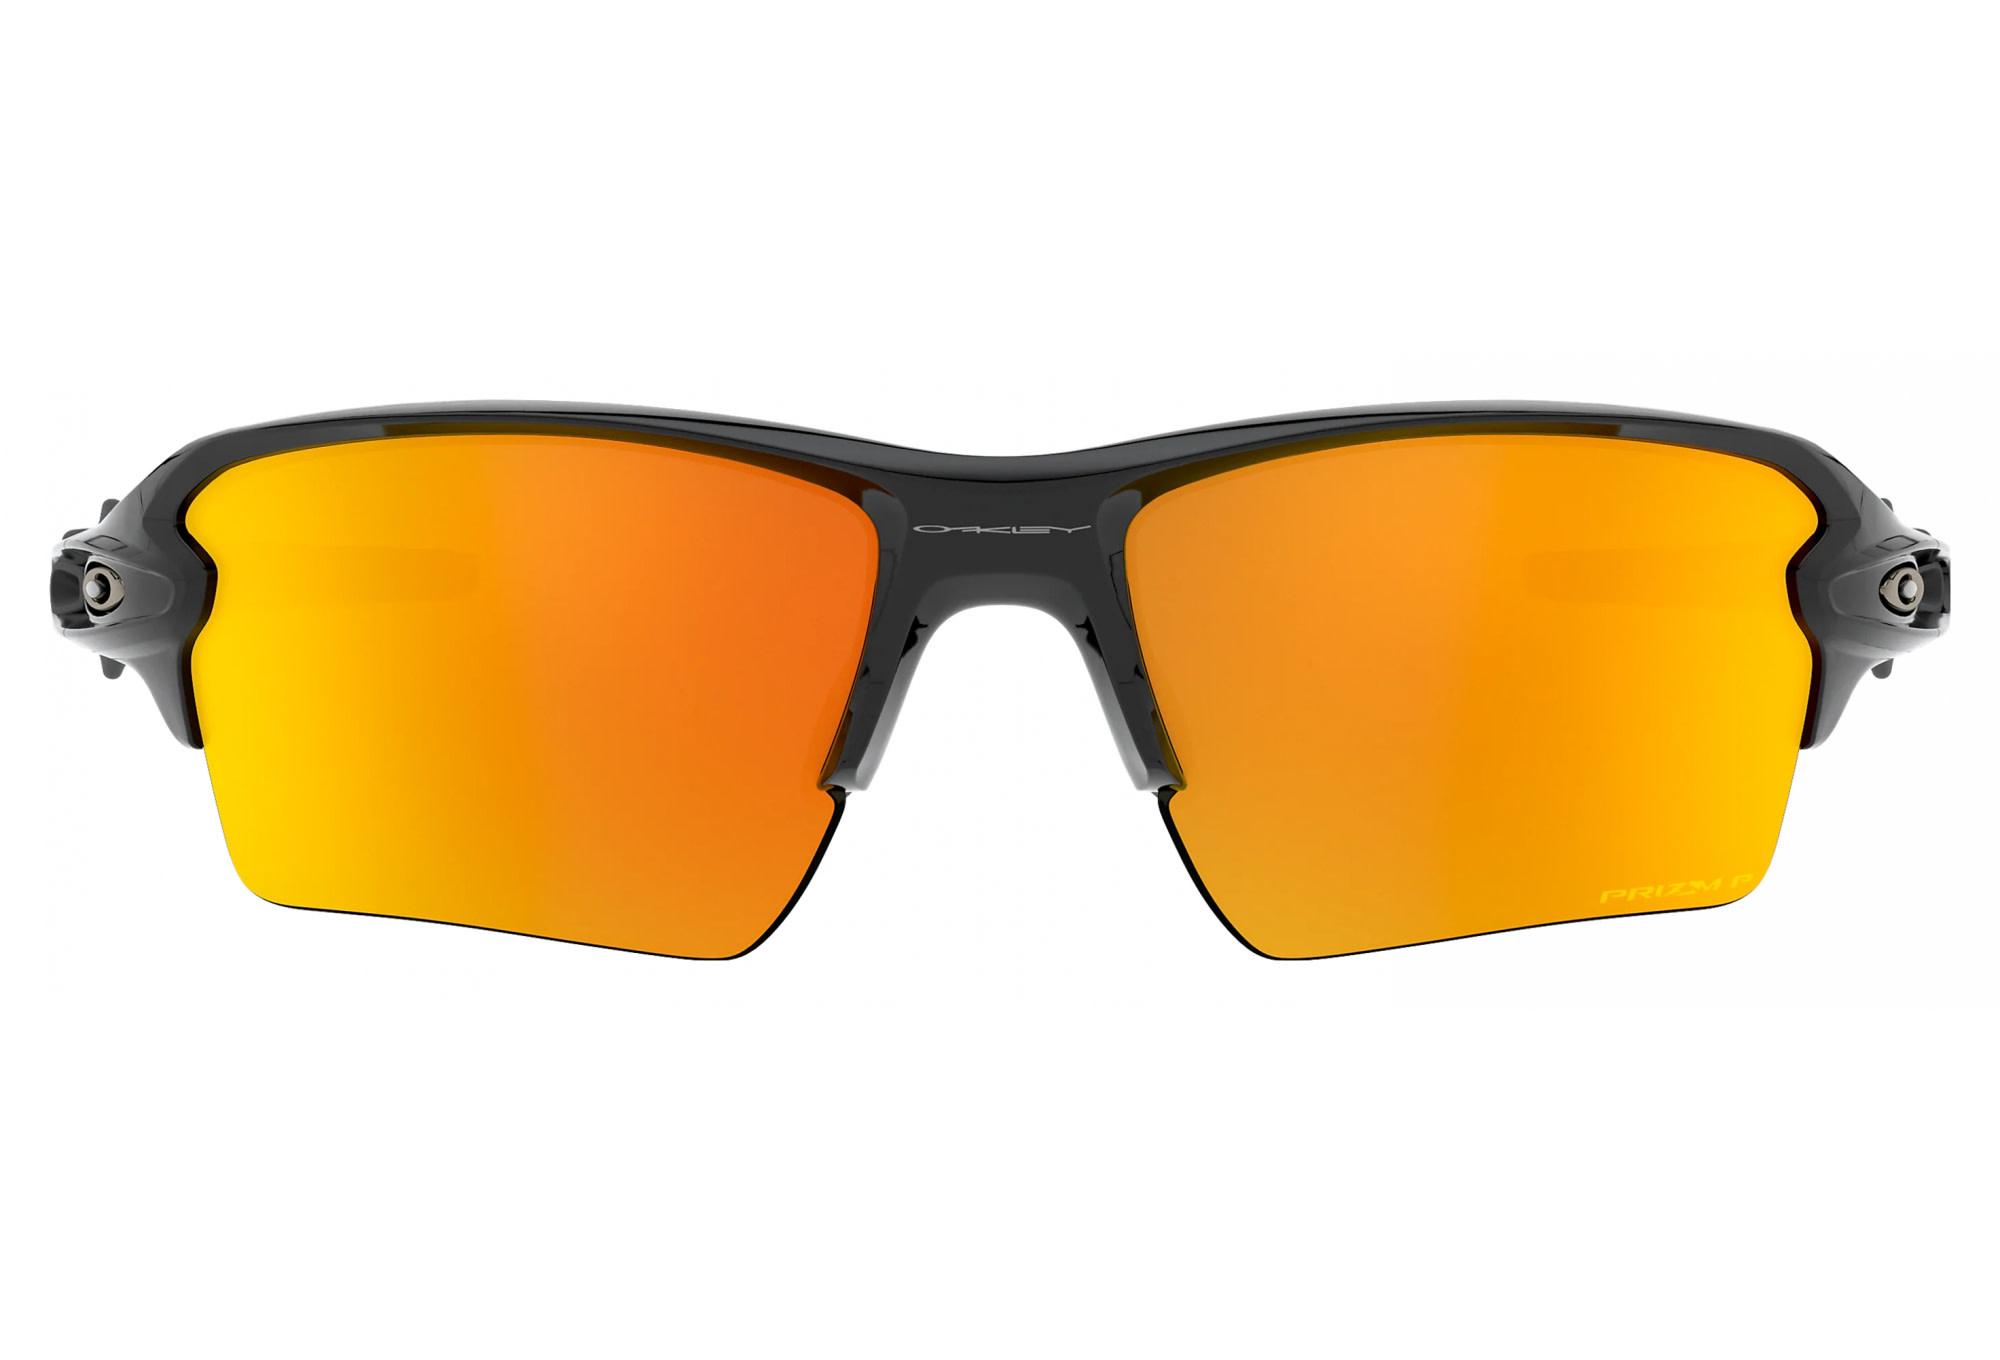 Oakley Oakley Flak 2.0 XL Polished Black w/ Prizm Ruby Polarized Sunglasses